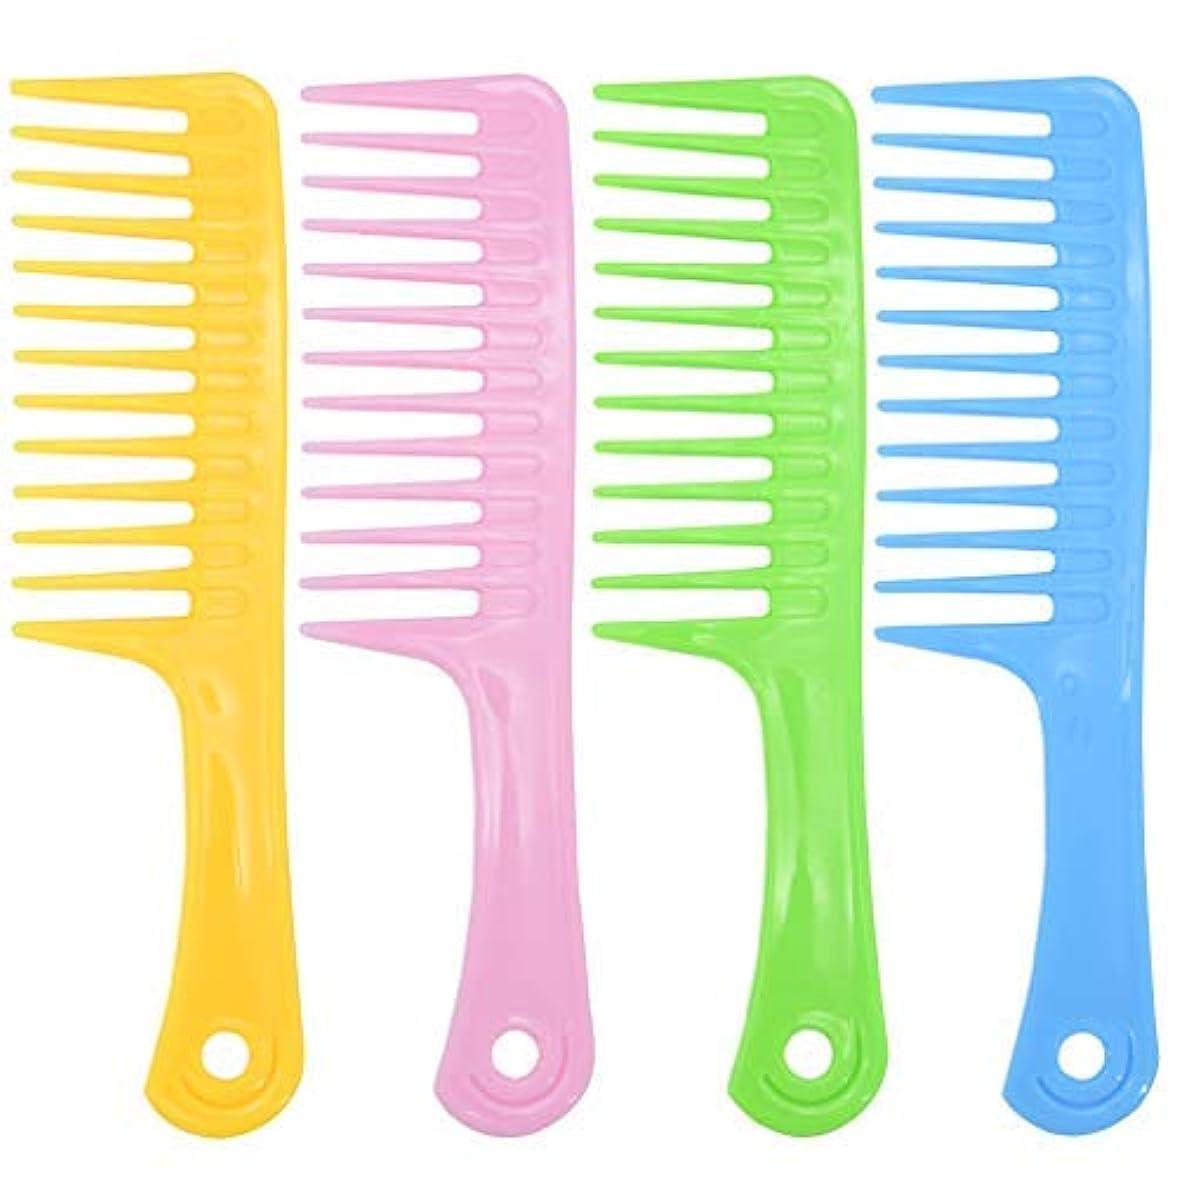 超音速池ファントムAncefine 8 Pieces Large Tooth Detangle Comb Anti-static Wide Hair Salon Shampoo Comb for Thick,Long and Curl Hair...